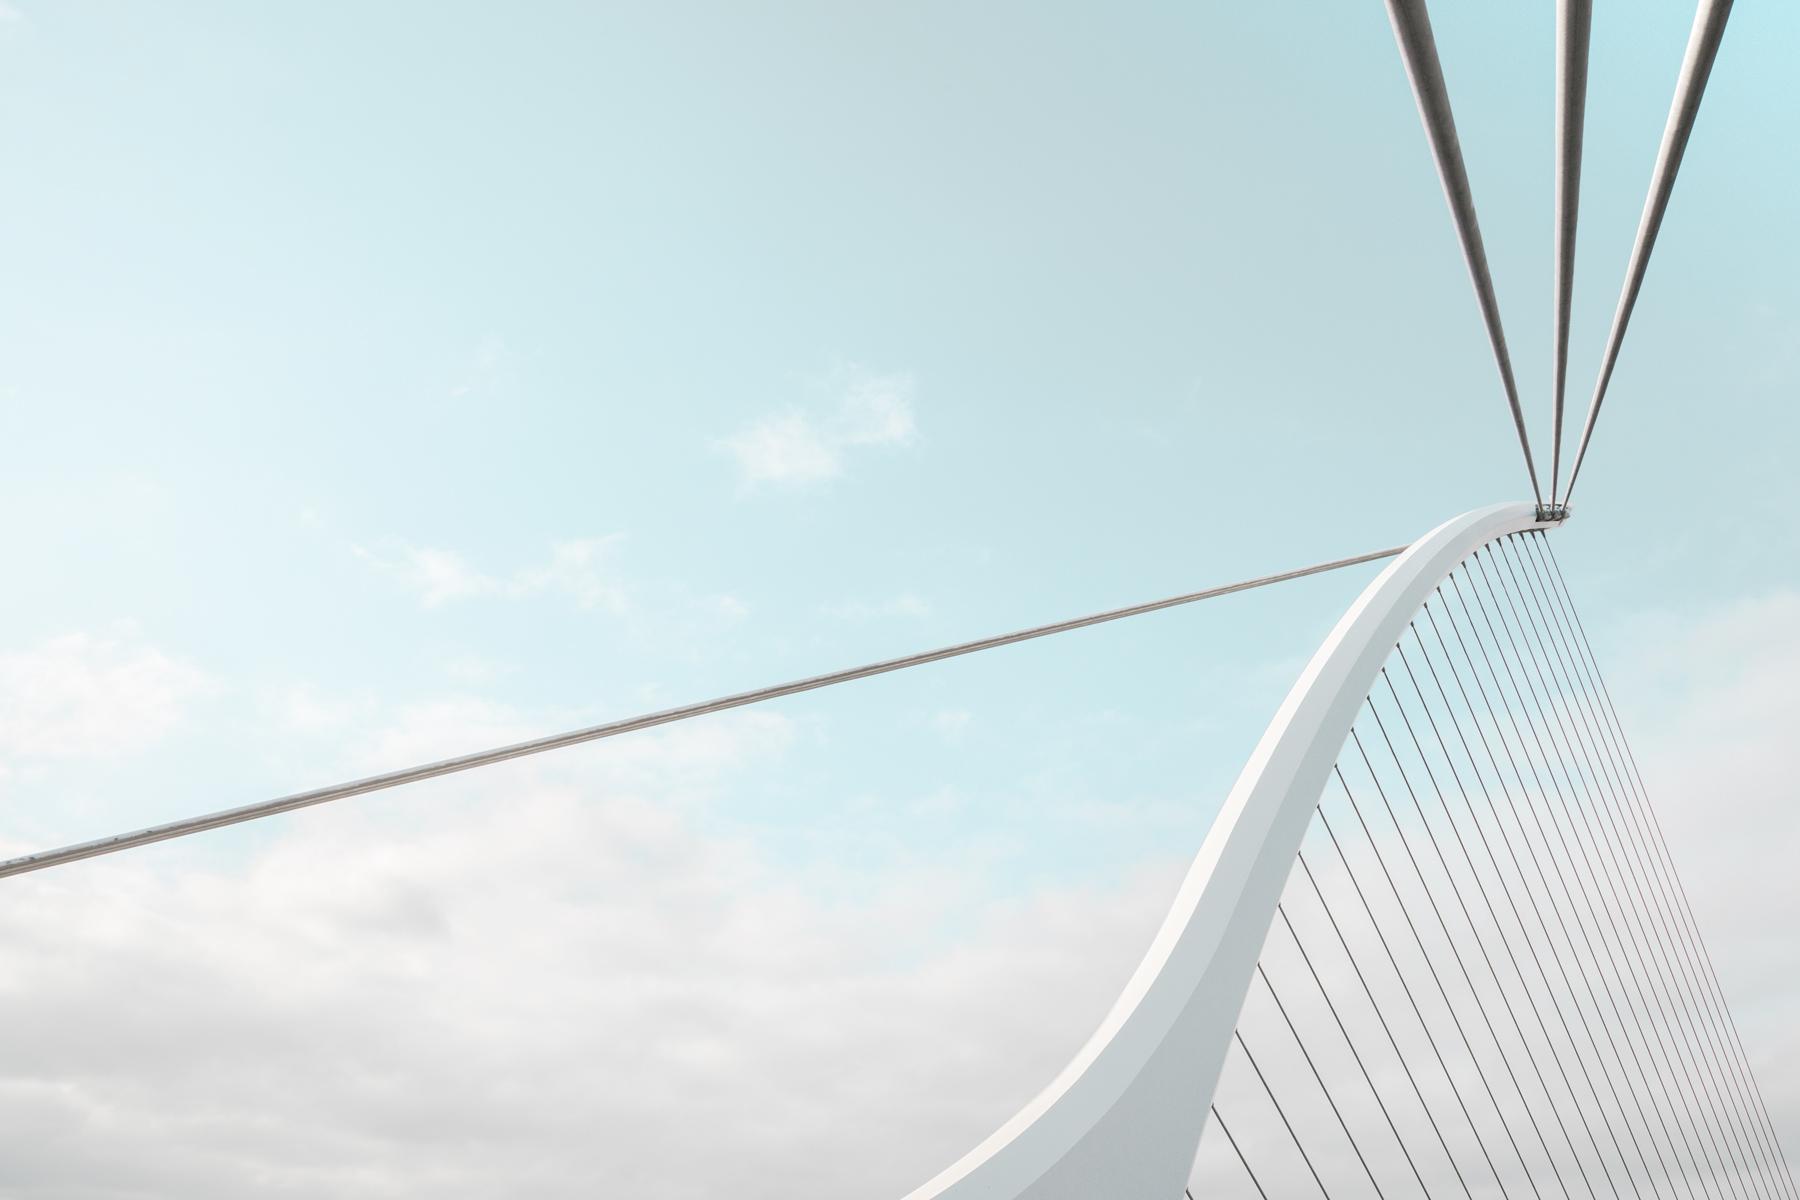 FabioBurrelliPhotography_Architecture_Interior_Web_10.jpg